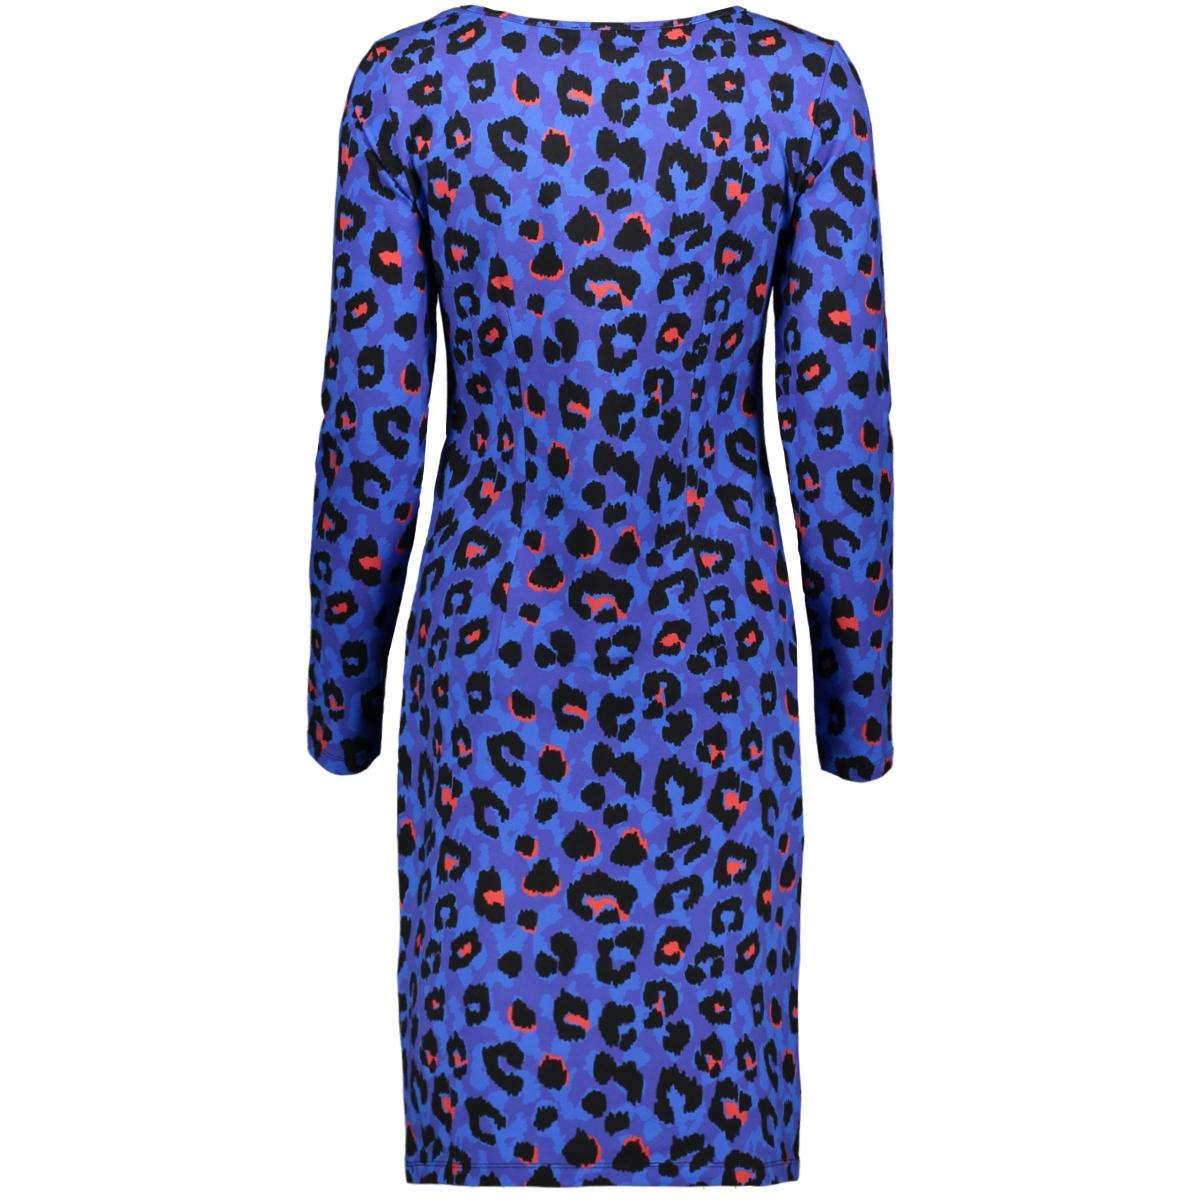 dress 19921 smashed lemon jurk 625/450 blue/ red